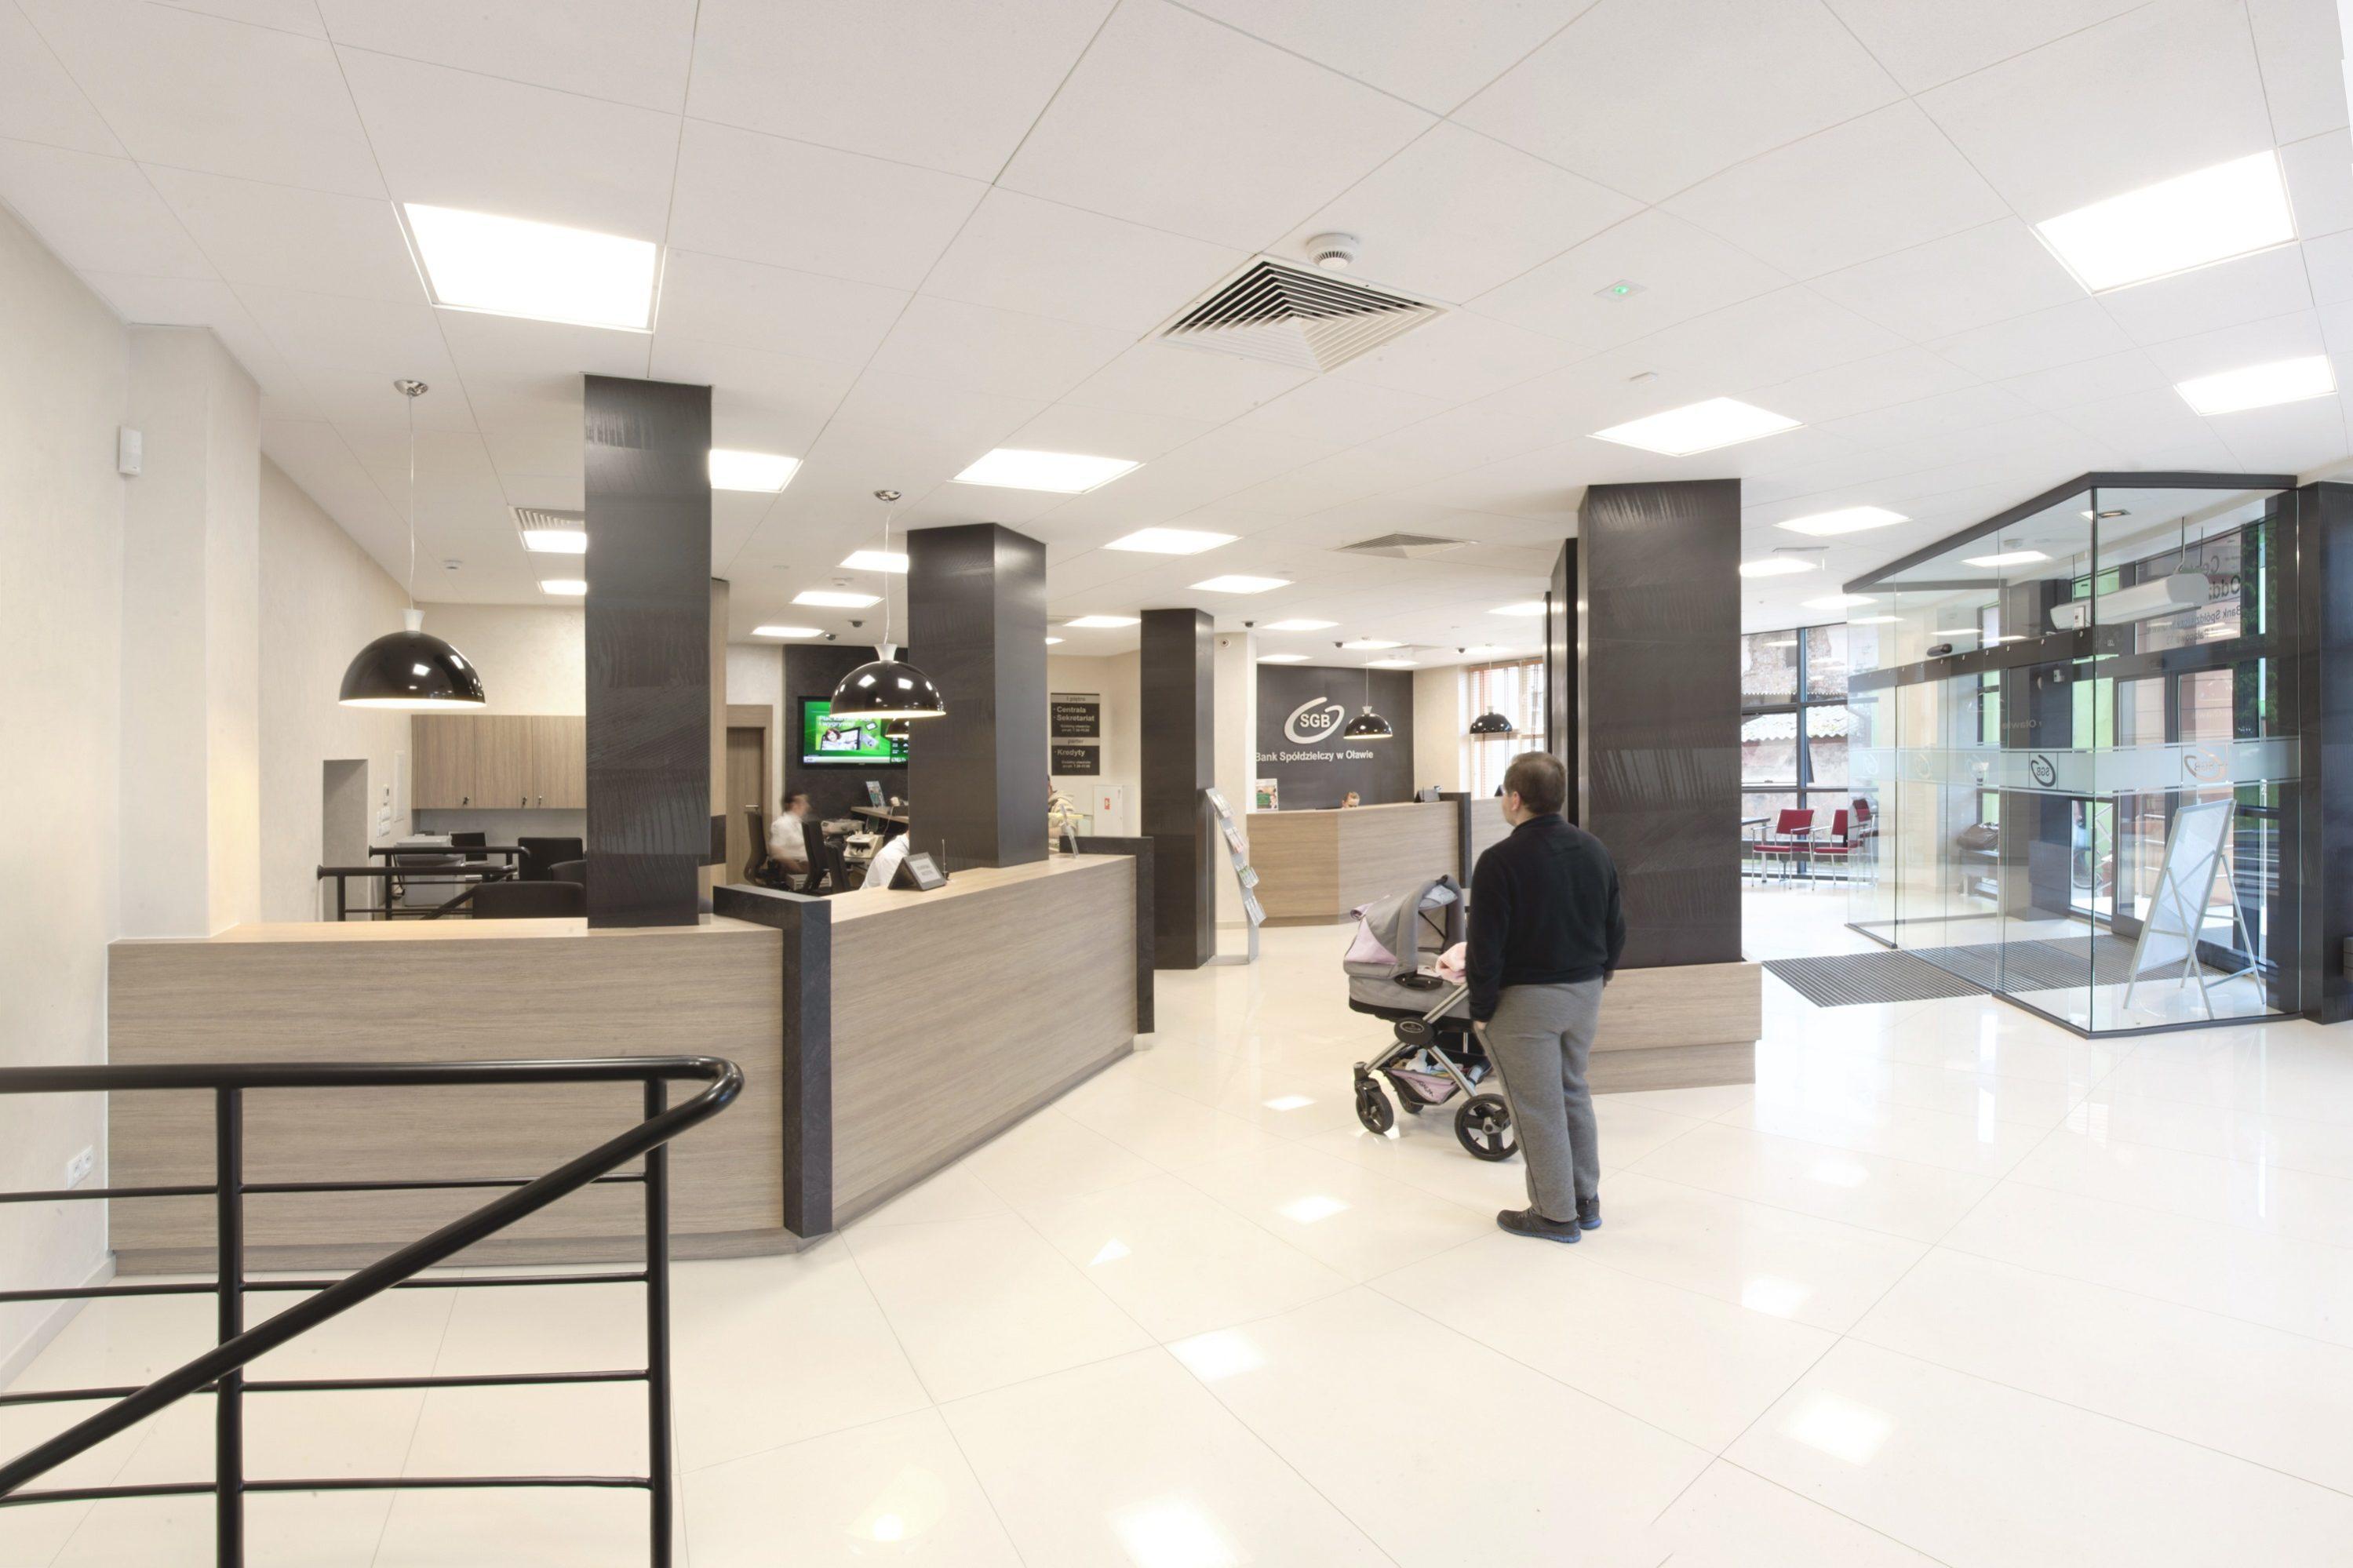 Oprawy Edge w oddziale Banku Spóldzielczego - Luxon LED